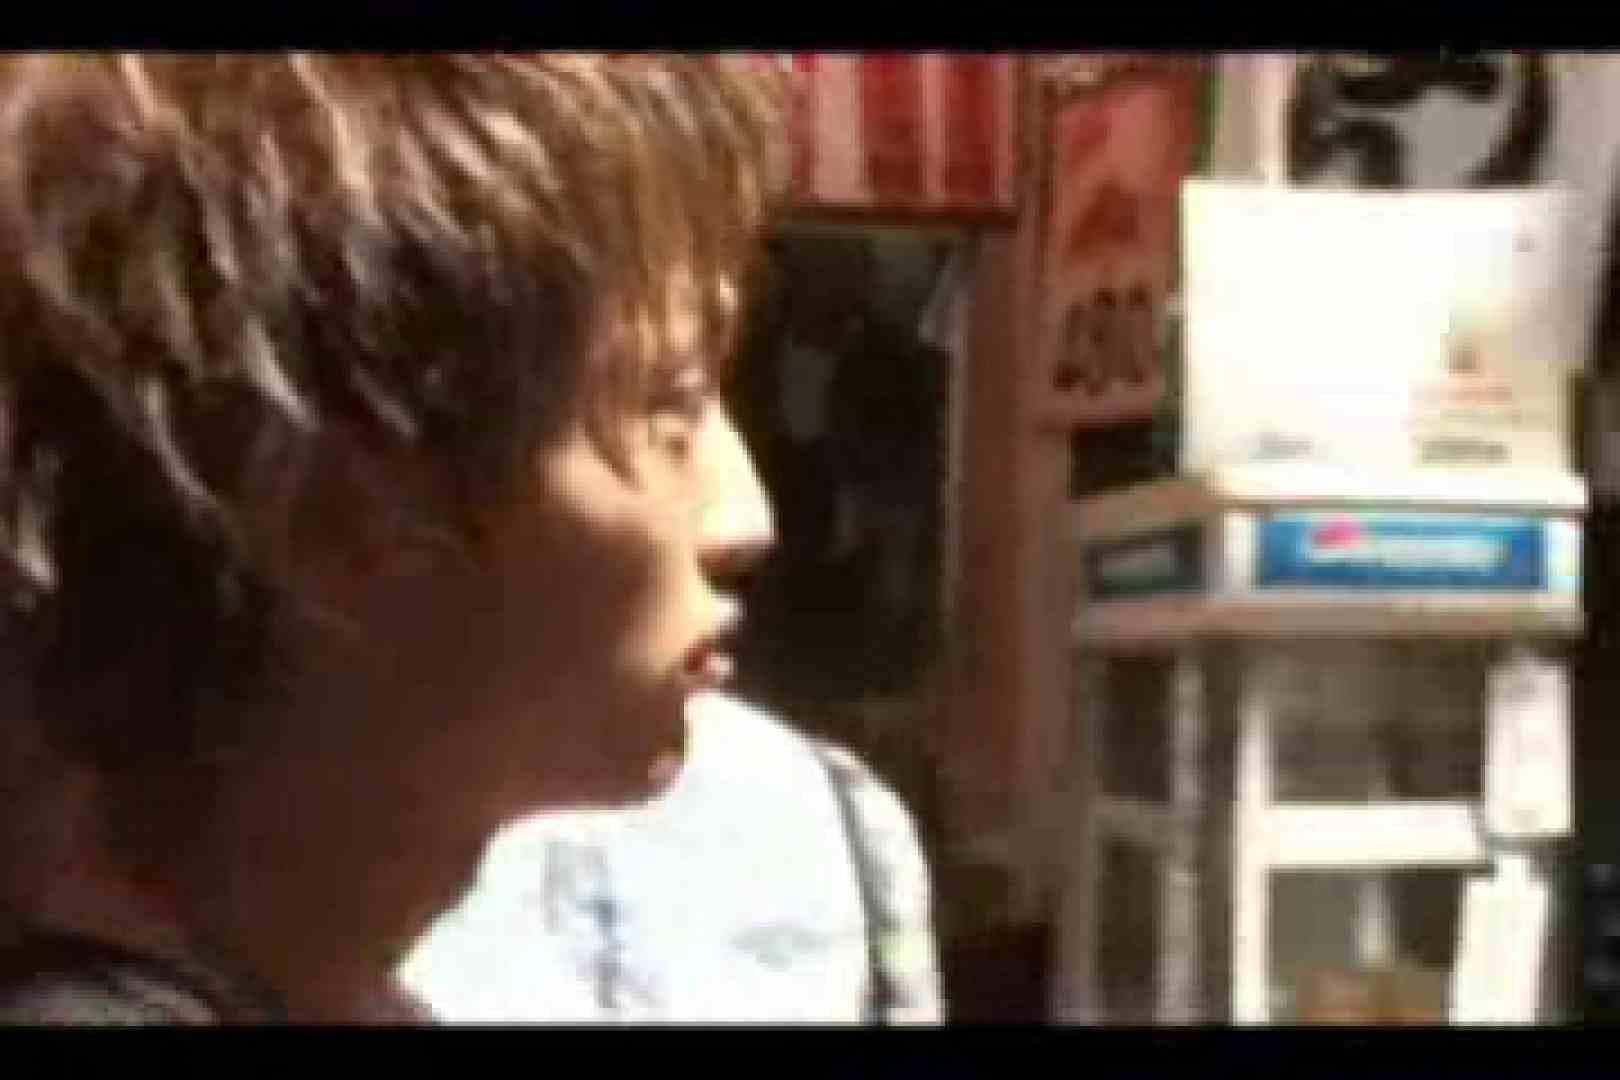 イケメンの逝きまくり旅情!!in 横浜 フェラ天国 ゲイ無料エロ画像 90pic 26